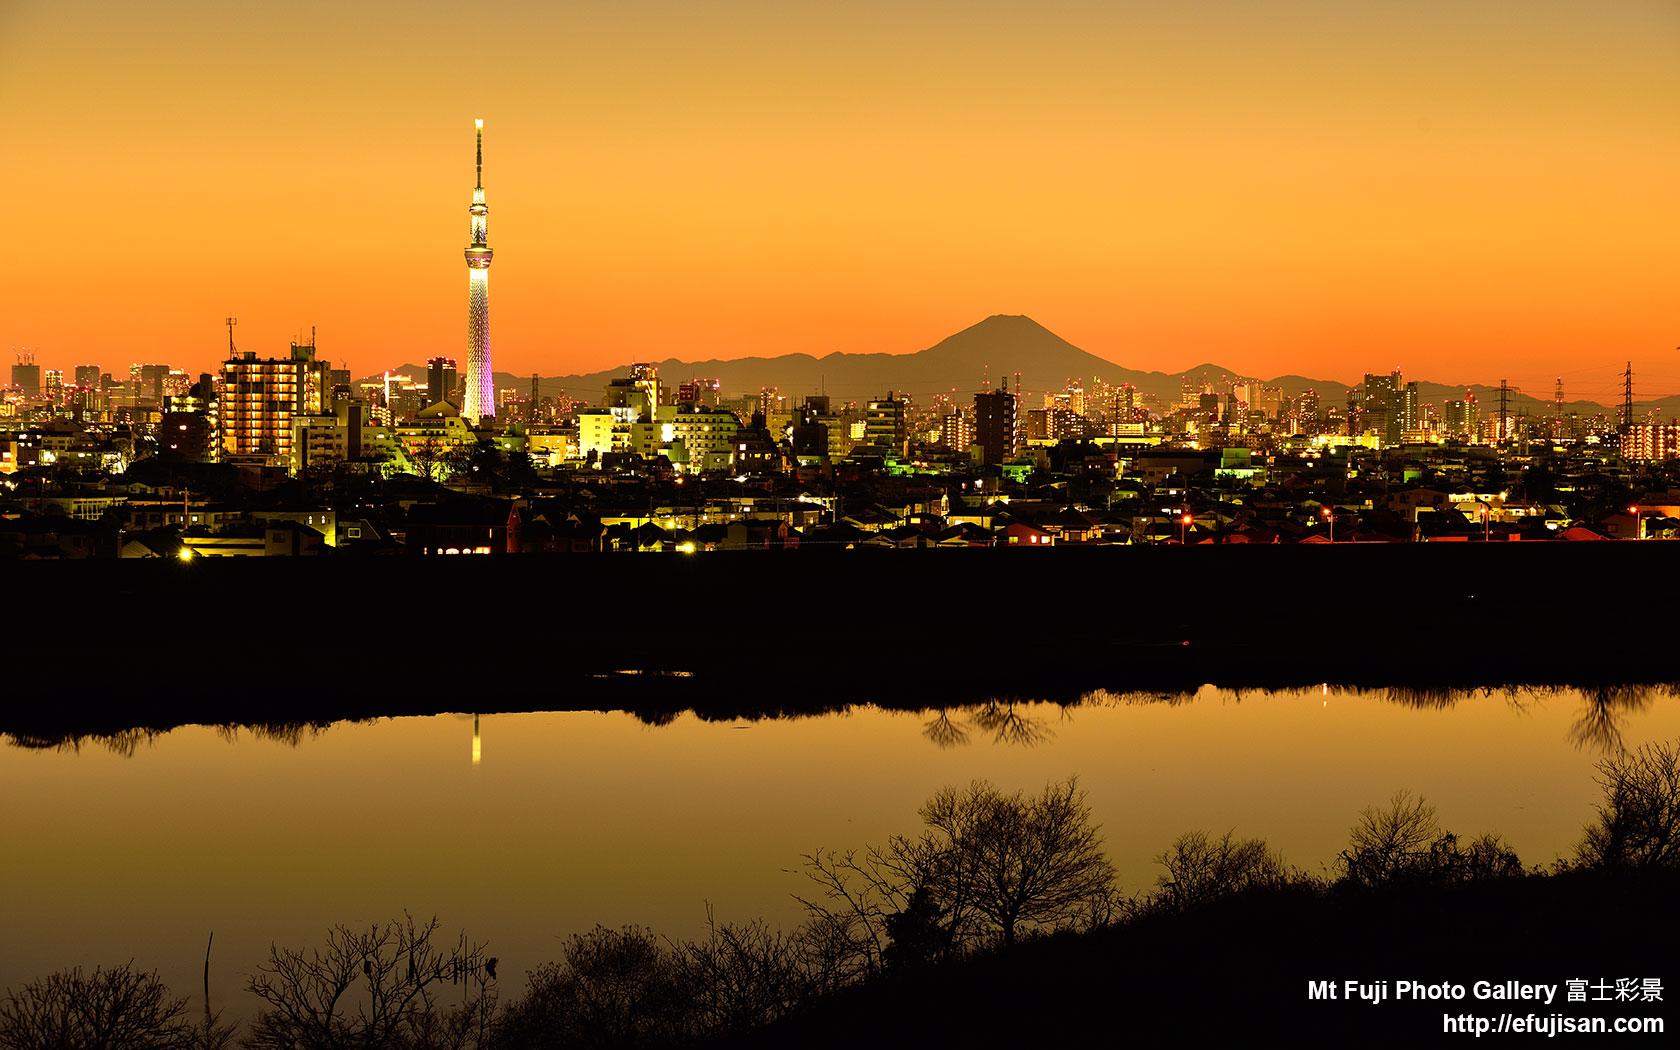 富士山壁紙360度 スカイツリーと富士山